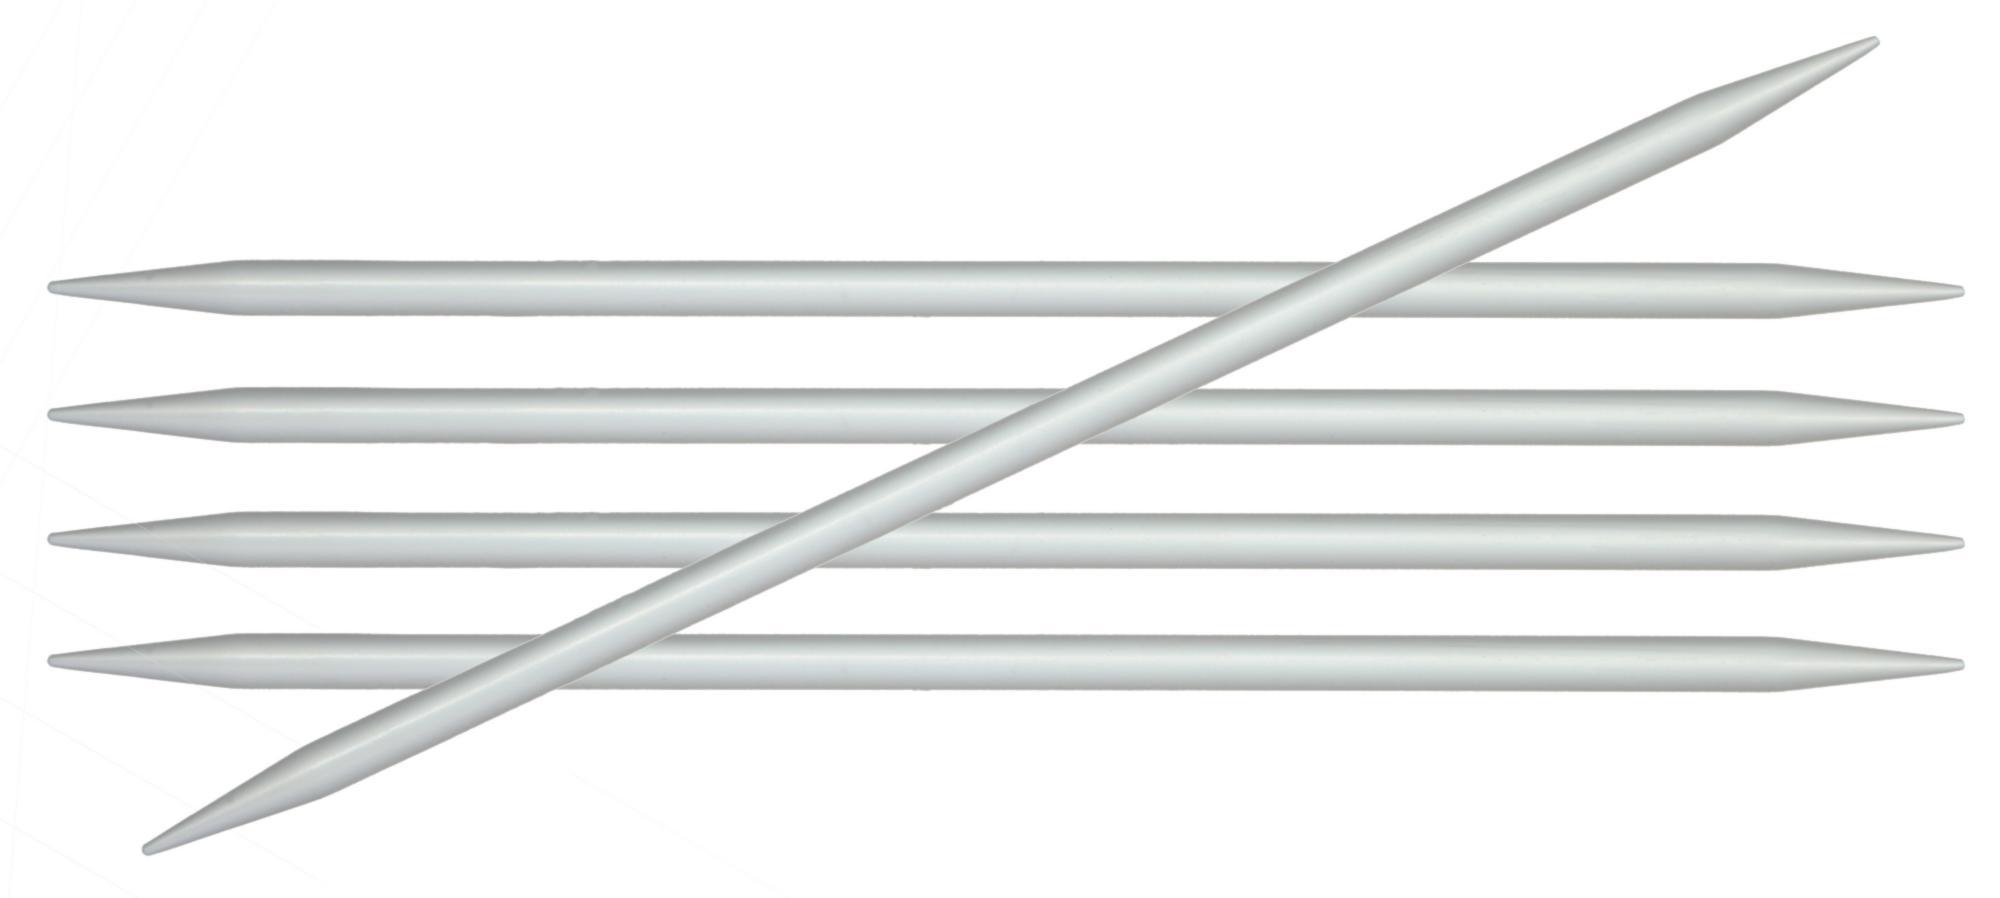 Спицы носочные 20 см Basix Aluminium KnitPro, 45114, 3.50 мм